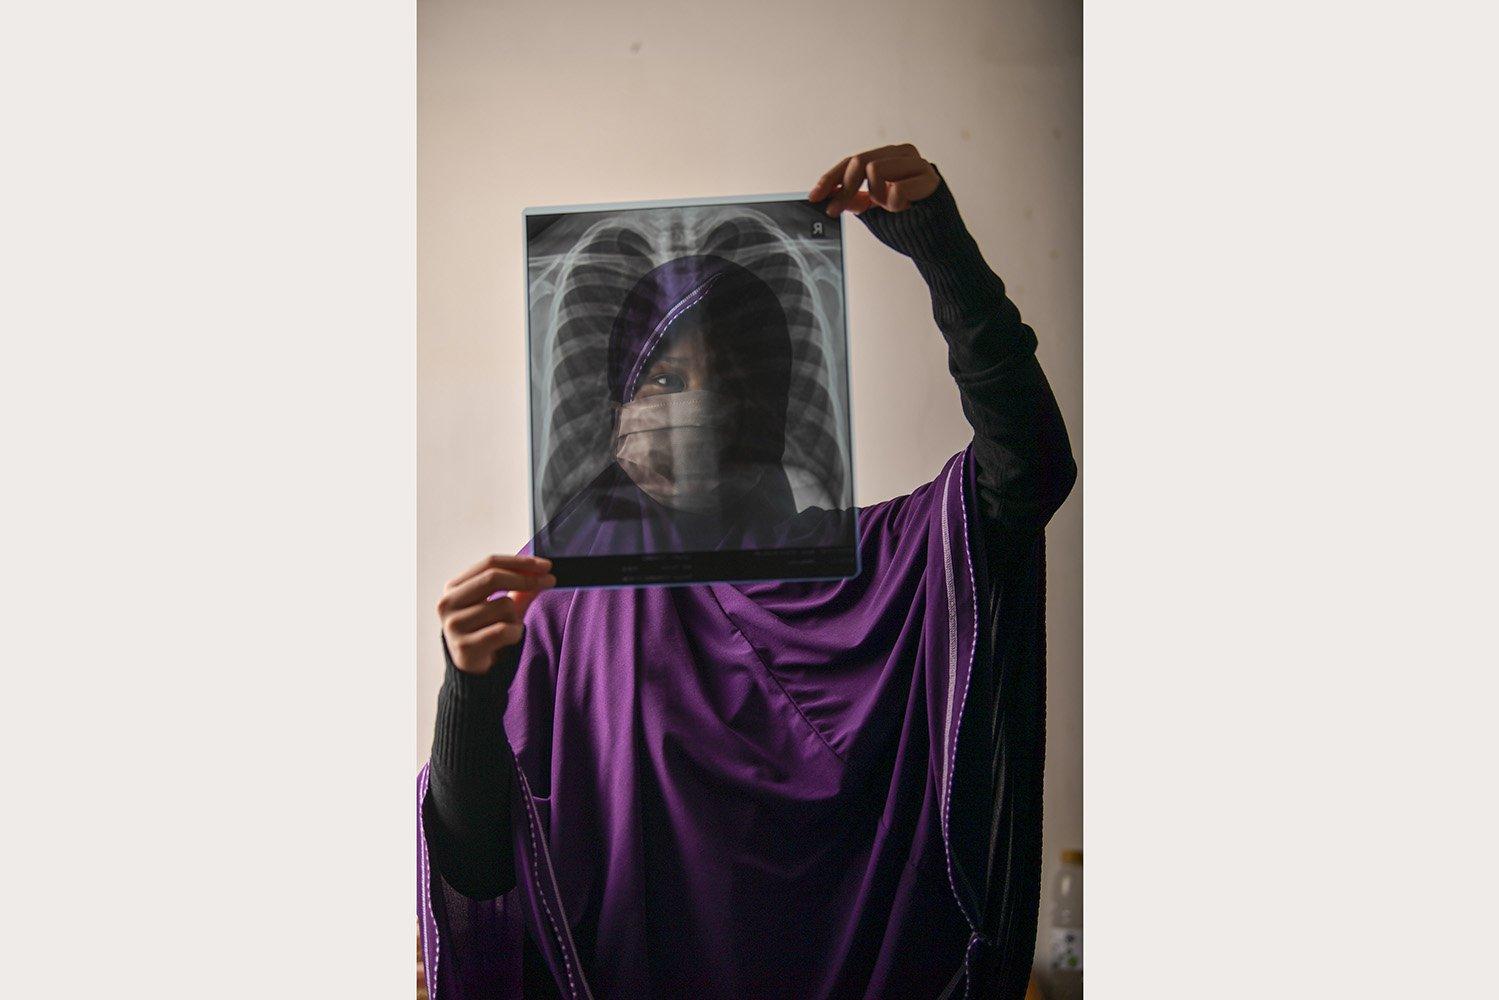 KSF (11) menunjukkan hasil rontgen paru-paru miliknya di Jakarta. KSF yang seorang pelajar itu berstatus PDP dan menjalani perawatan di RS Darurat Wisma Atlet.\r\n\r\n